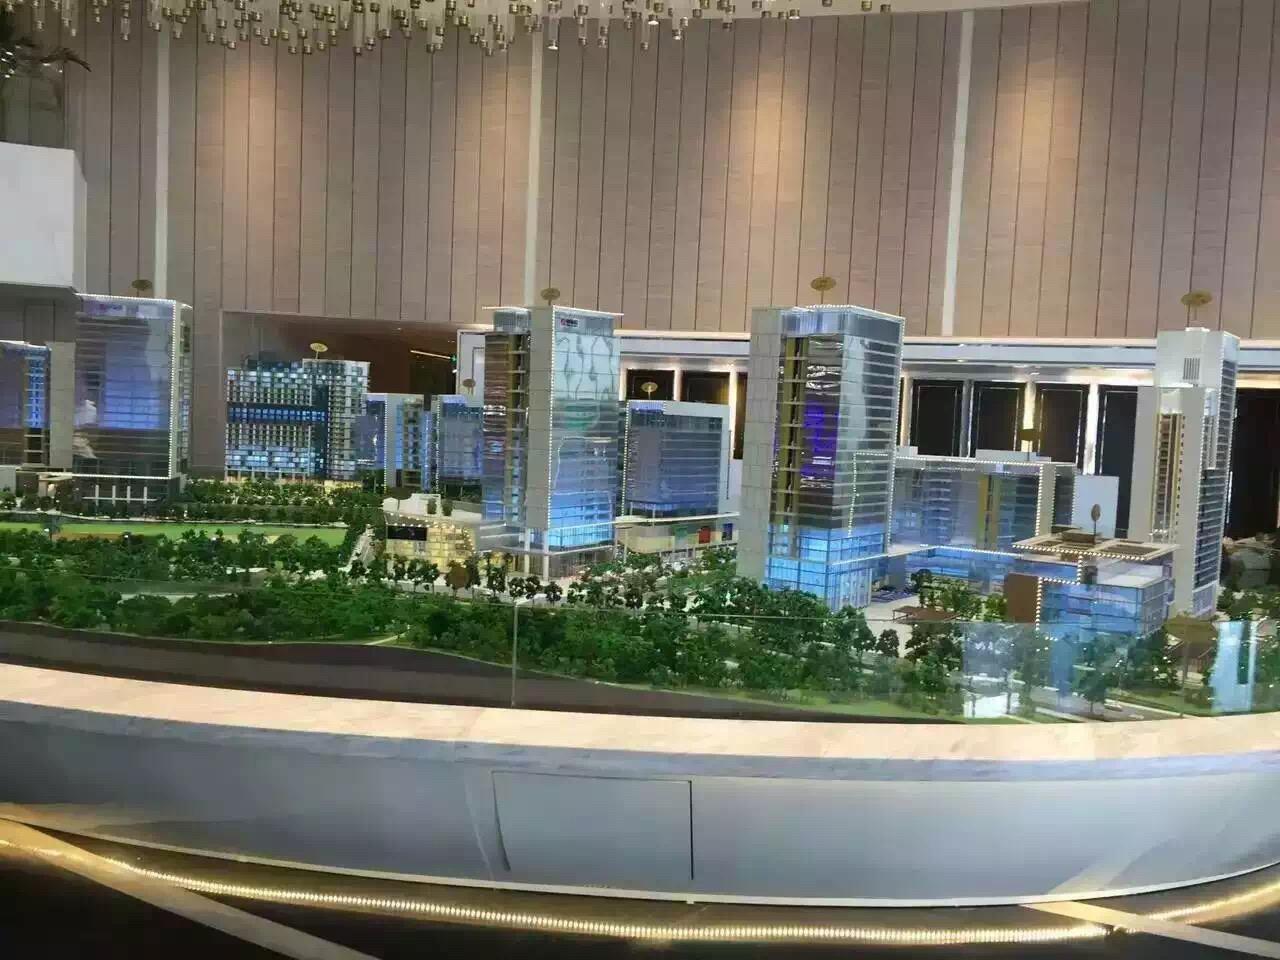 布吉中海信众创公寓 10栋花园社区带地下停车场